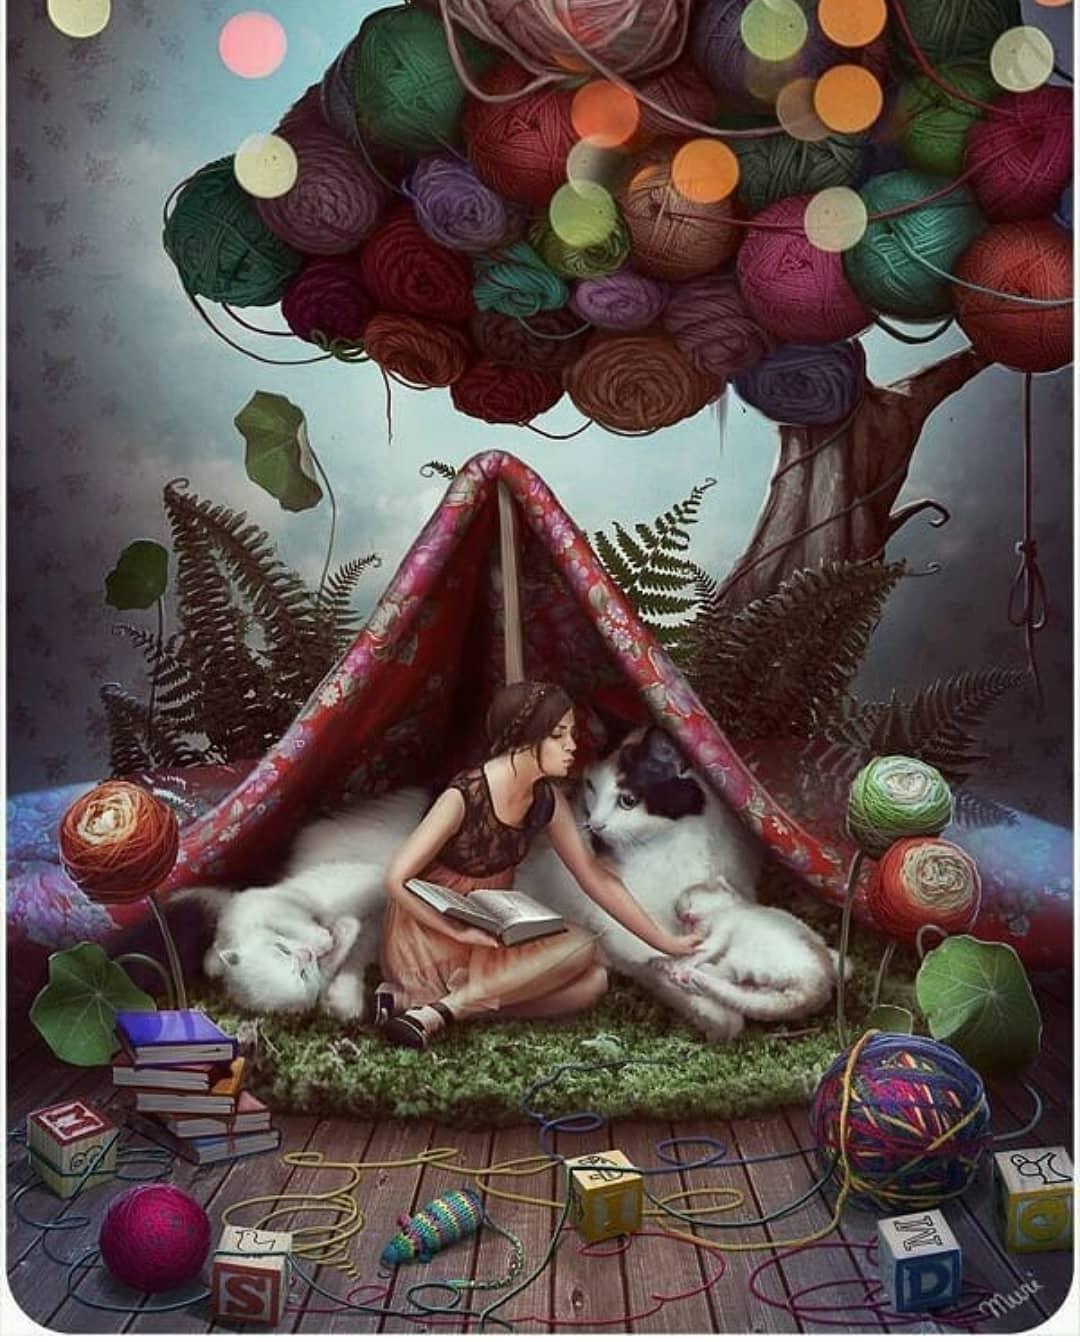 Gecemiz Hayr Olsun ❤️ Sevgili Gönül Dost Crocheting - Knitting